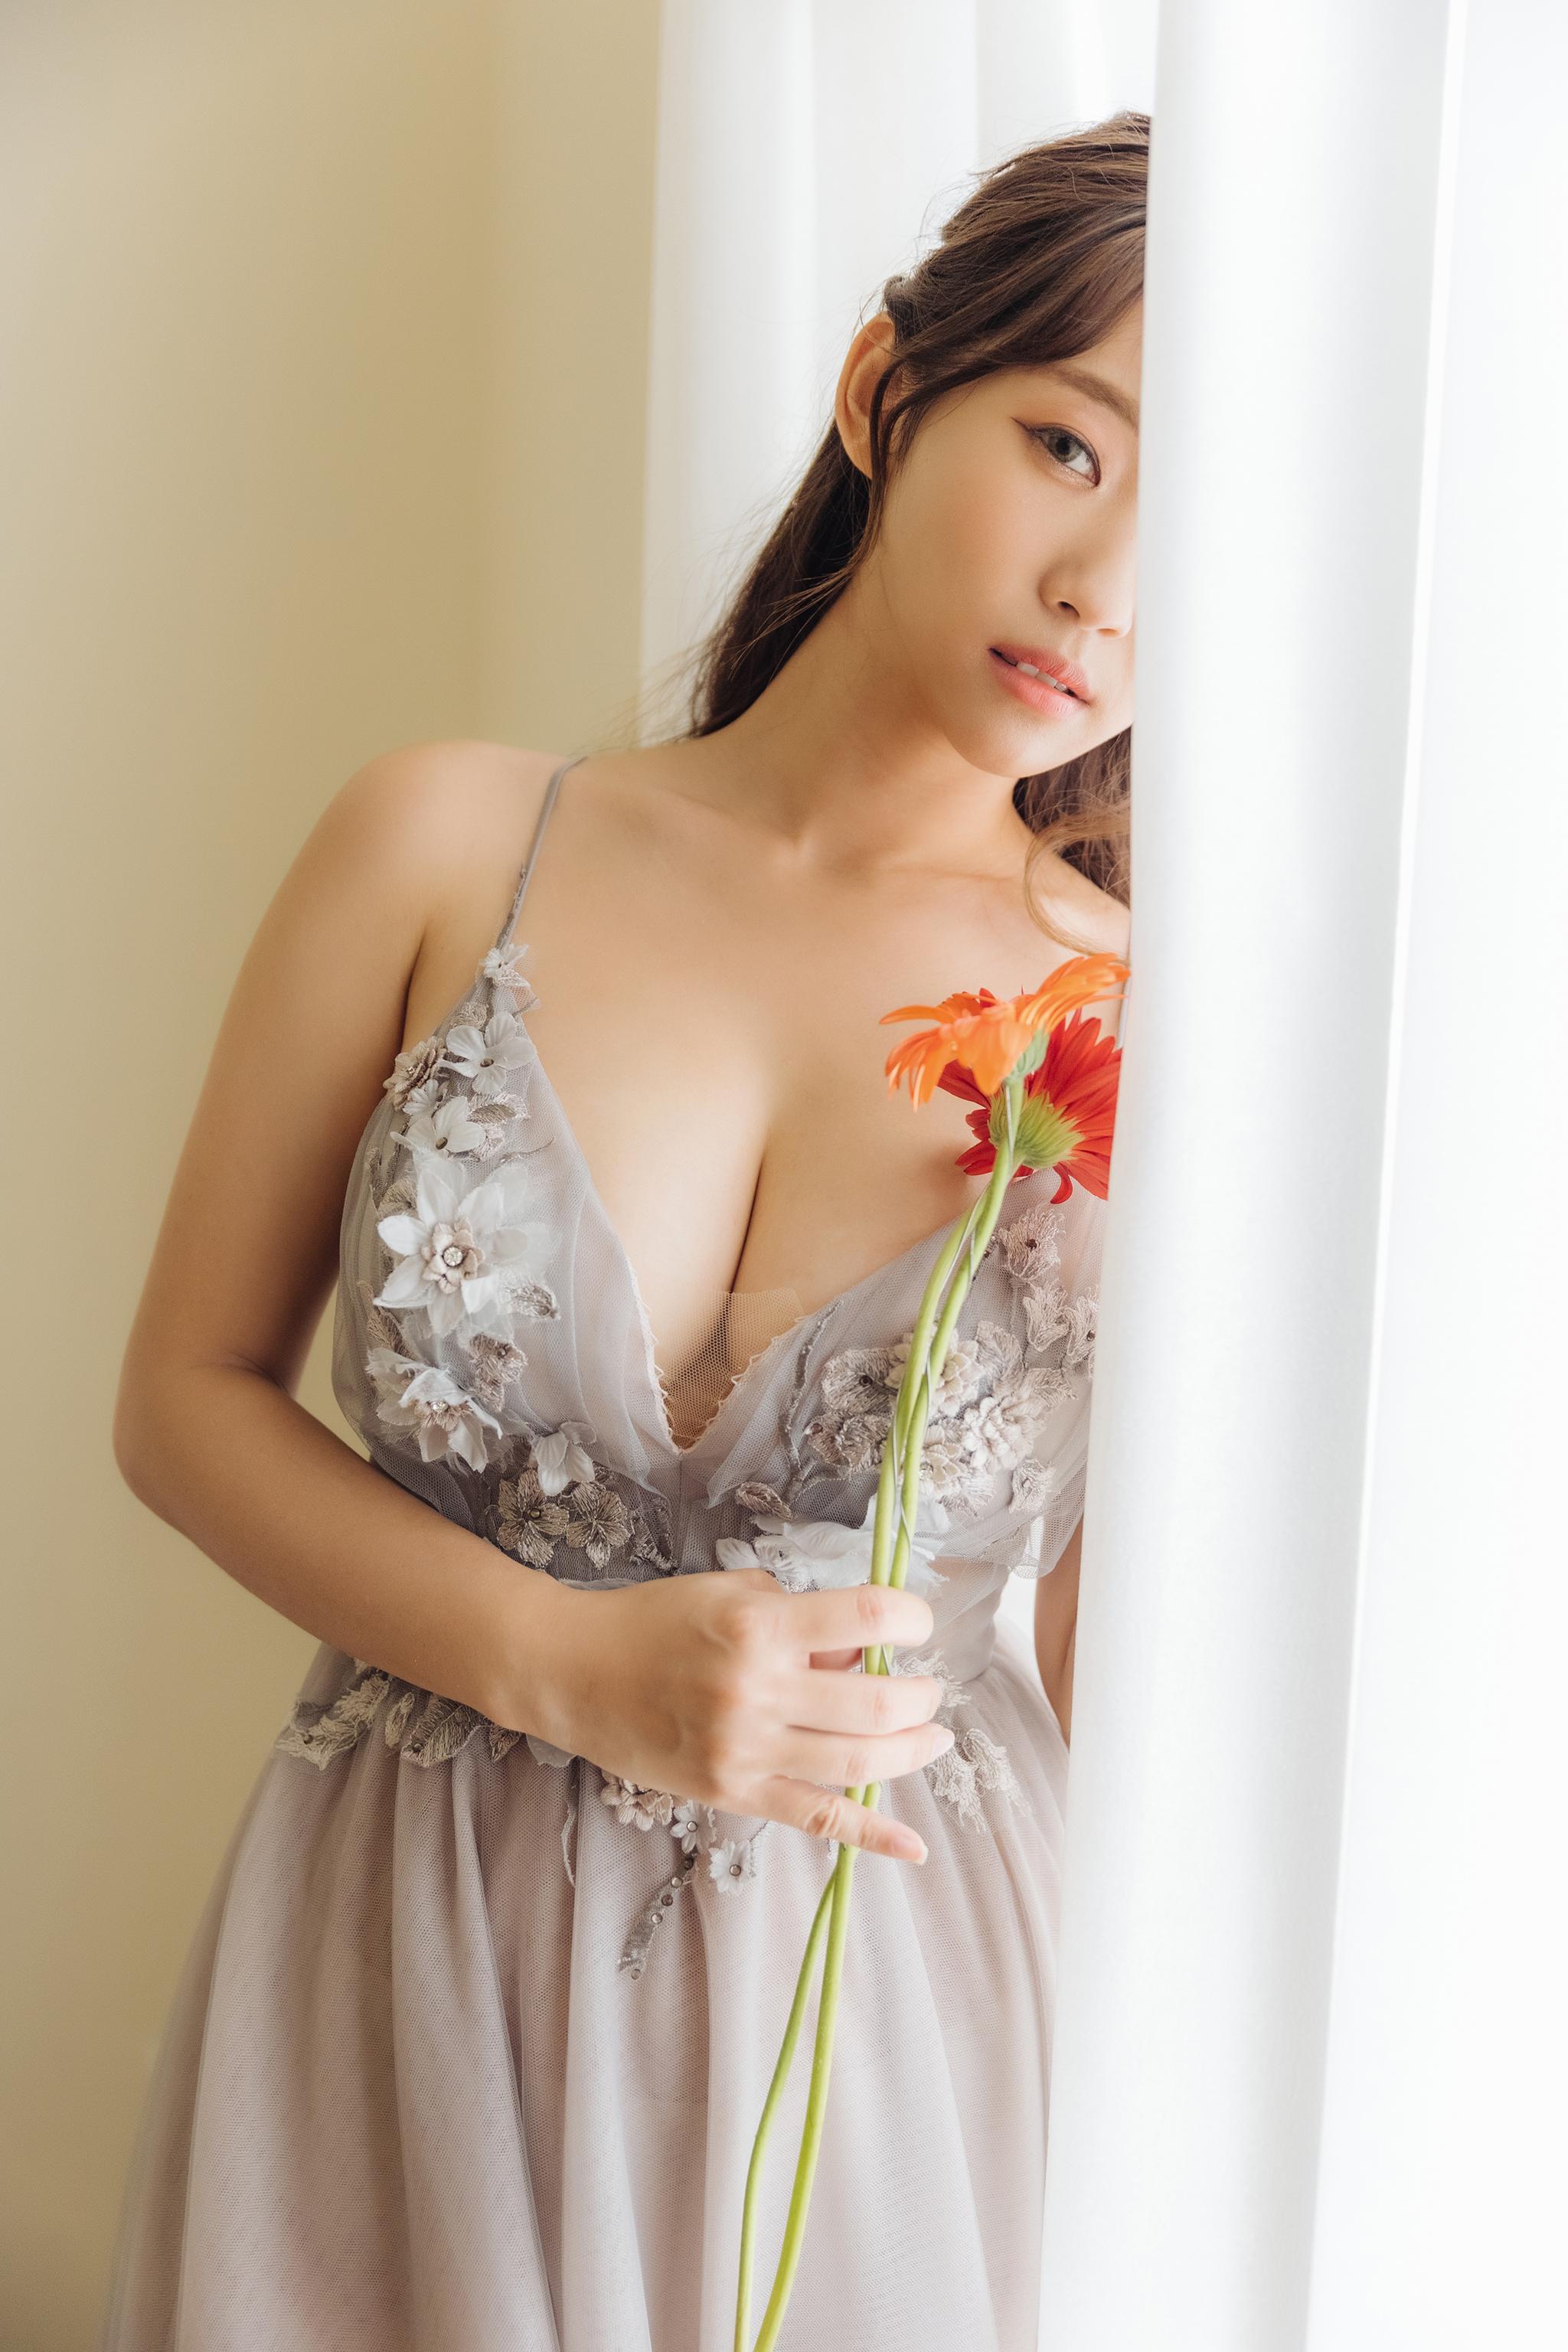 51577453996 74a42c127d o - 【自主婚紗】+江jiang+